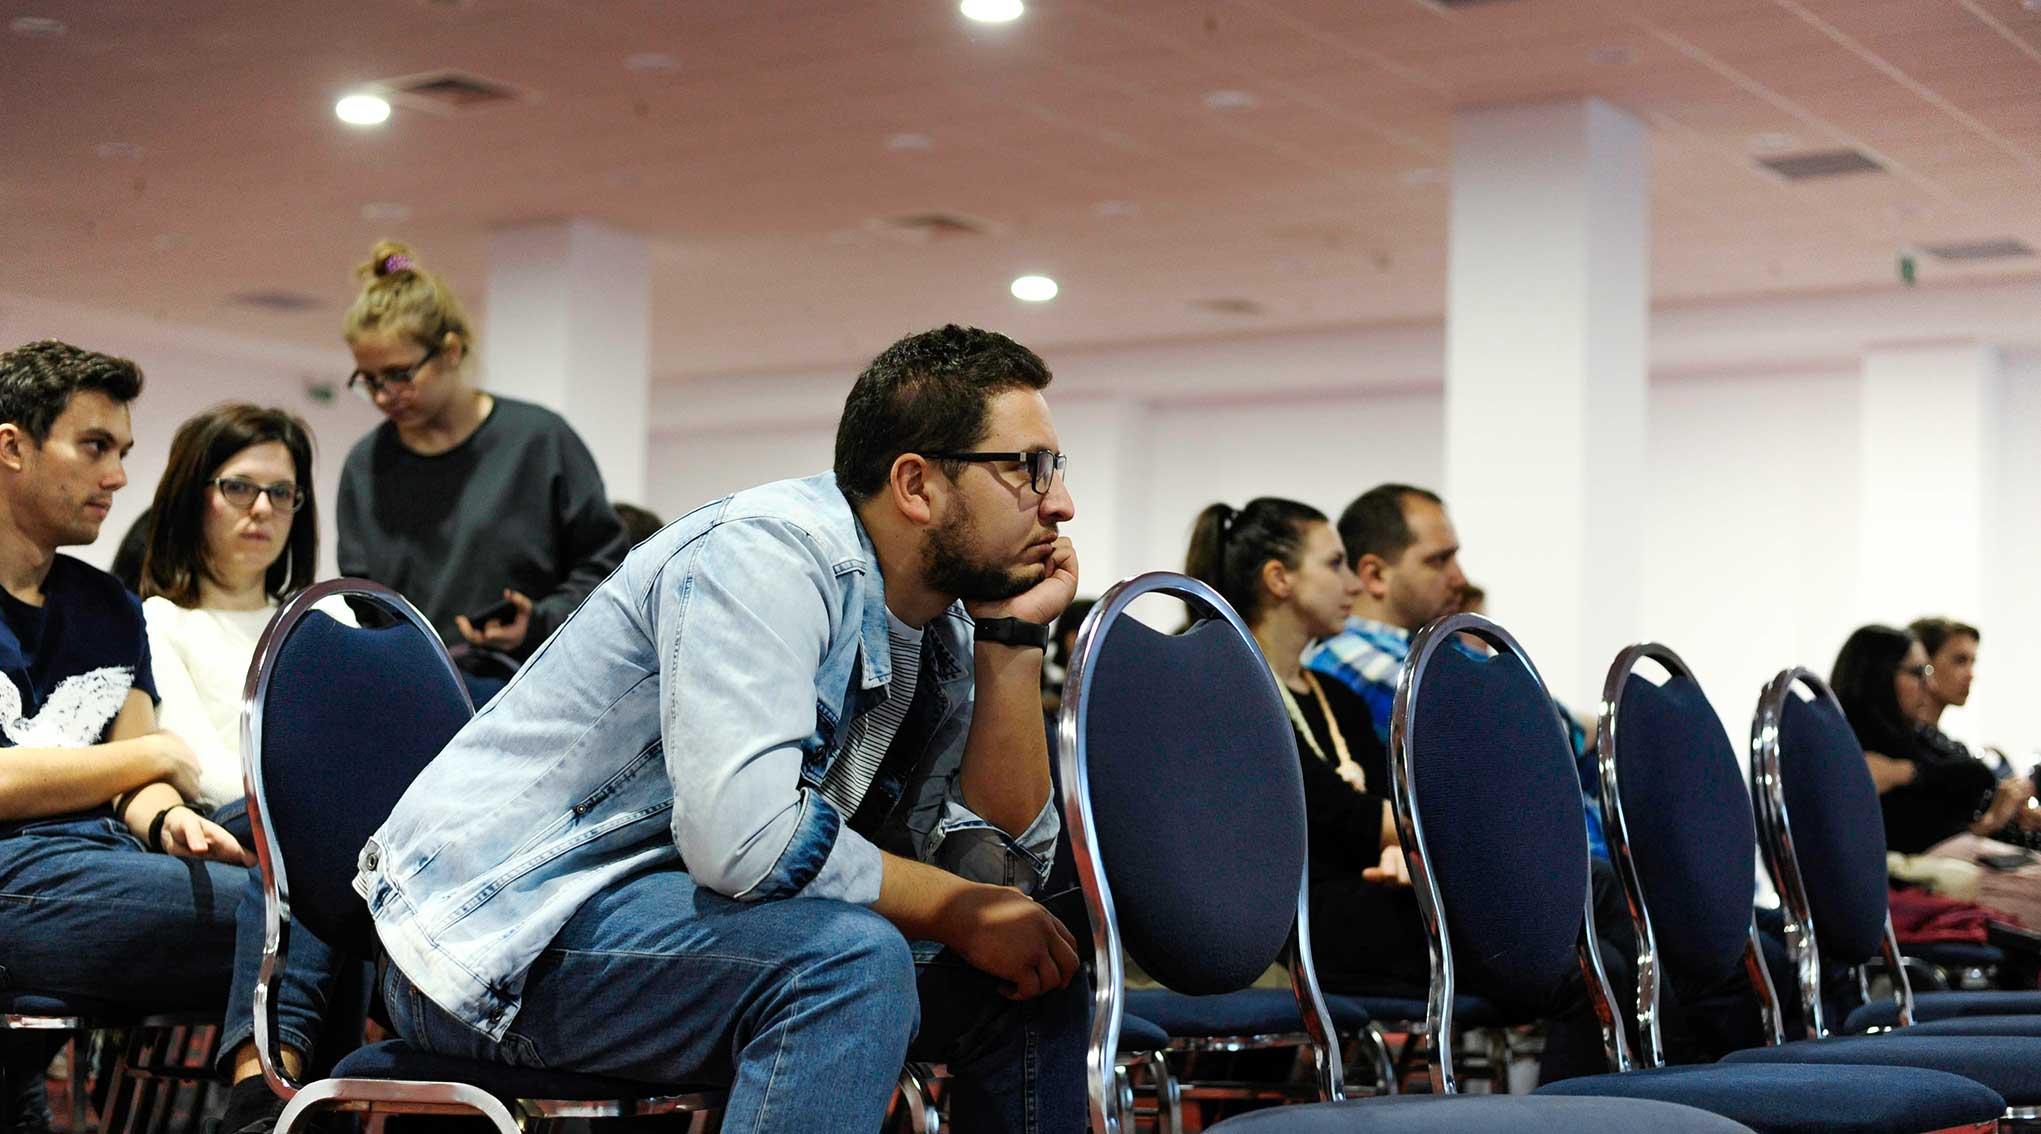 workshop-uri-demonstratii-si-conferinte-marca-atelierele-ilbah-pe-parcursul-a-4-zile-in-cadrul-romexpo-32